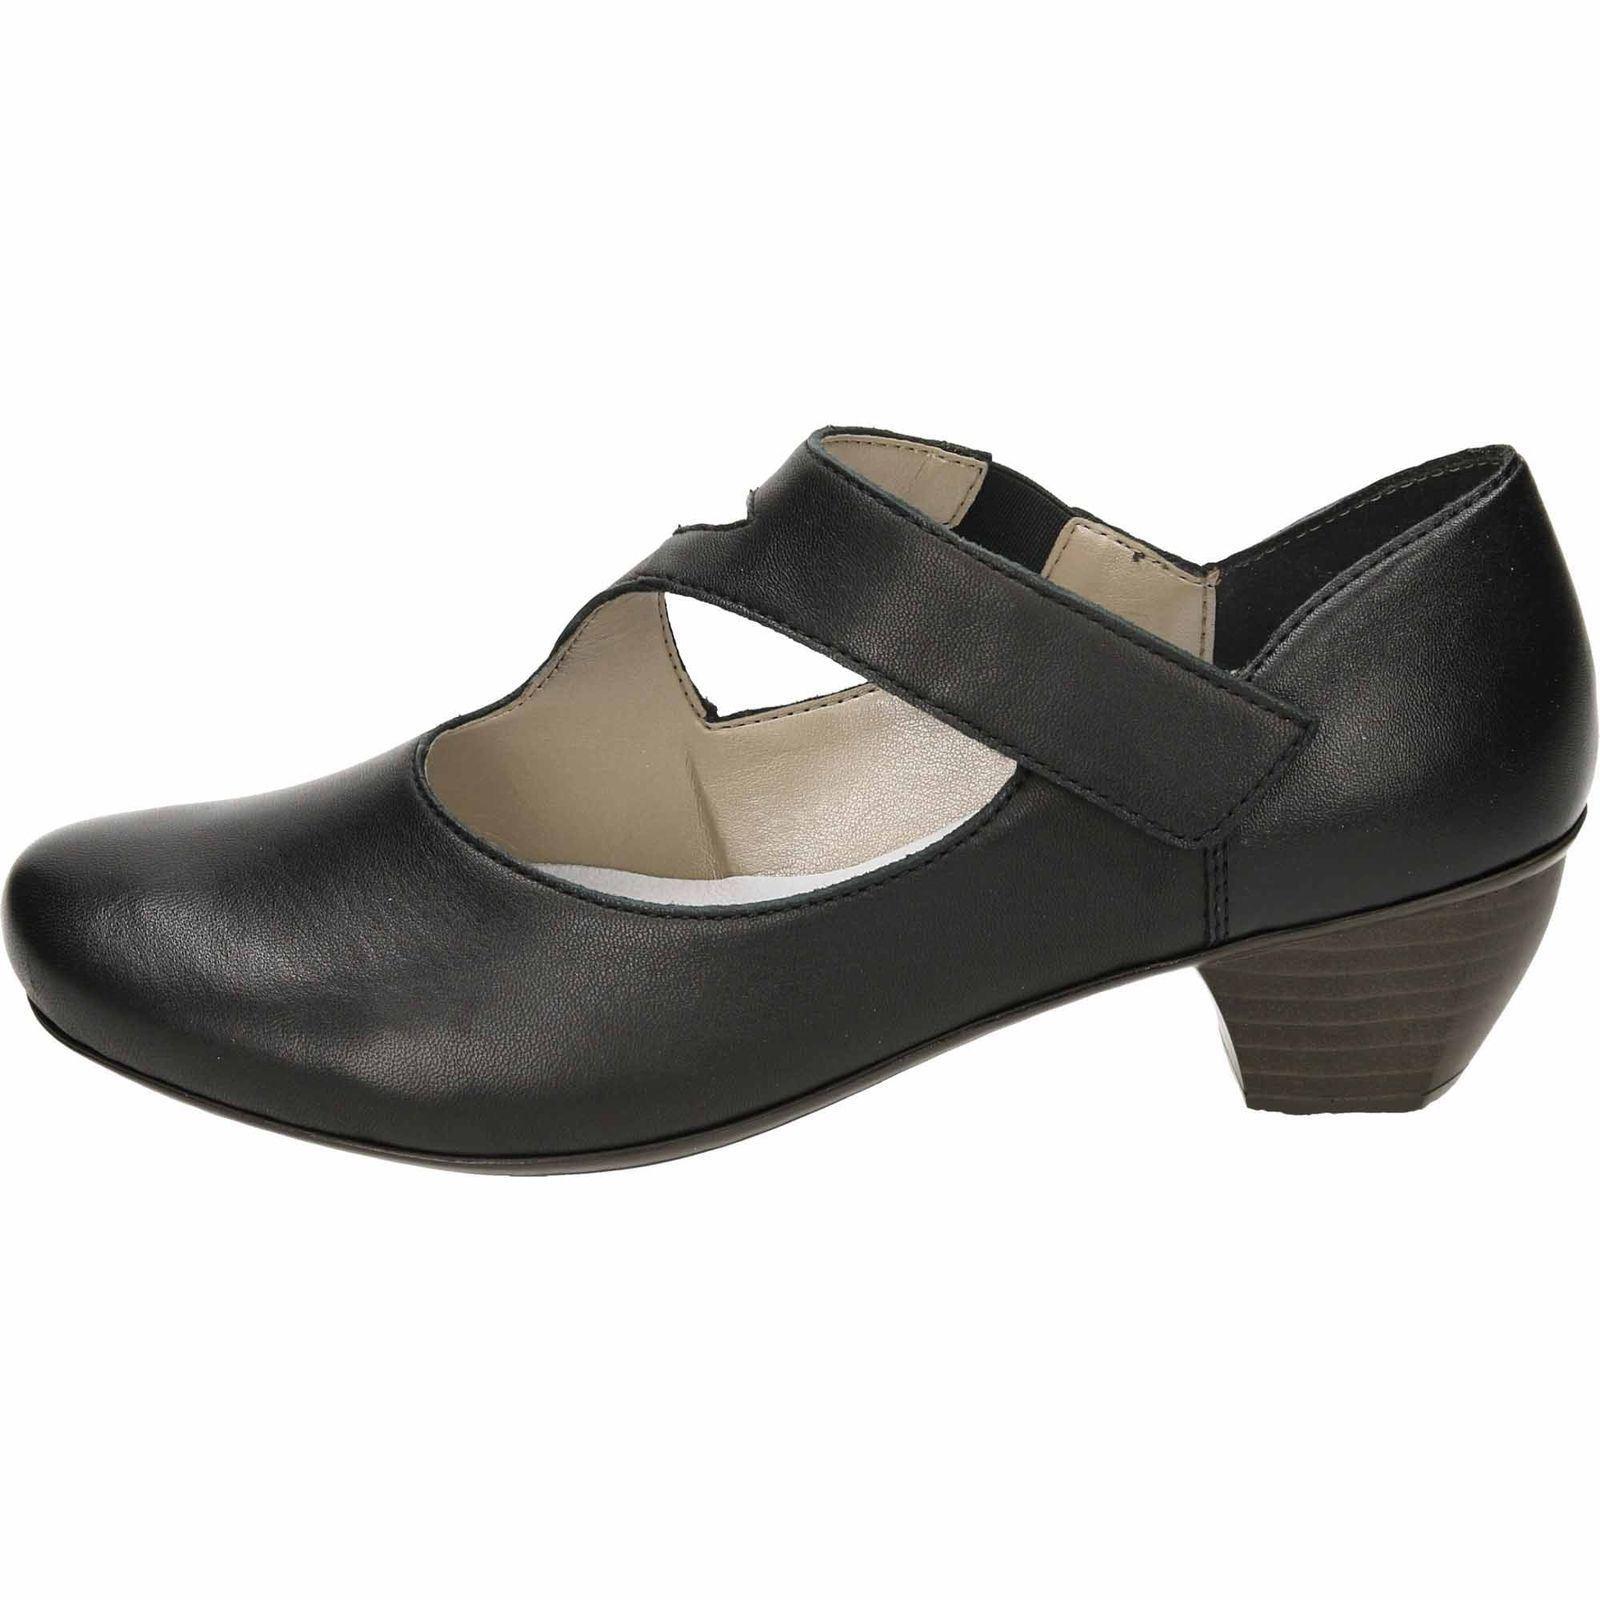 Ladies Mar 41793 Jane Rieker Style Shoes Black qR0qra